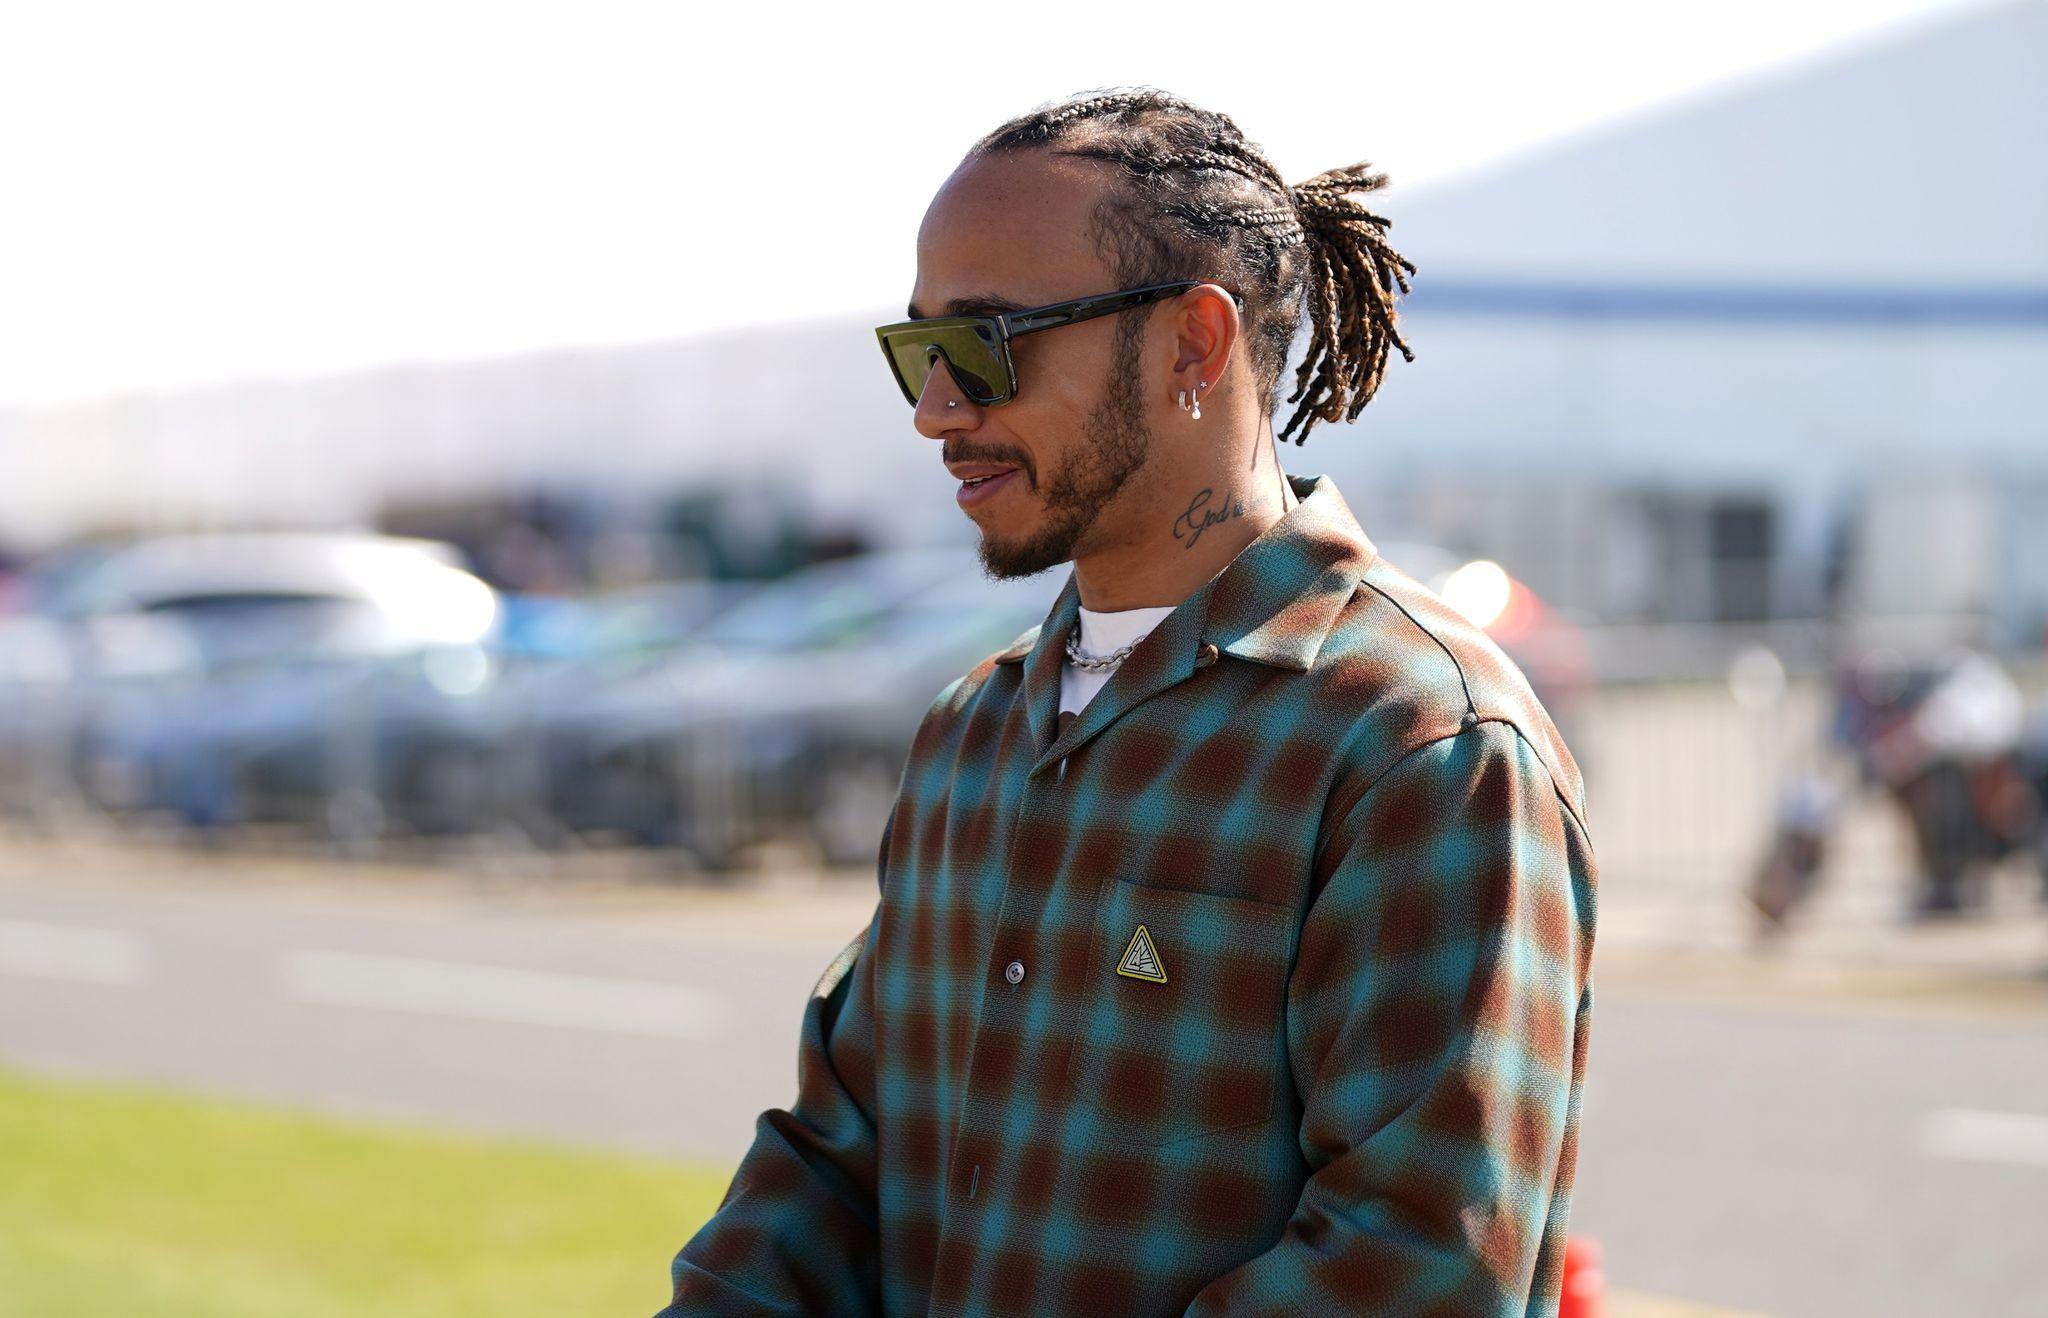 Wurde während und nach dem Formel-1-Rennen in Silverstone mehrfach in den Sozialen Medien rassistisch beleidigt: Lewis Hamilton.